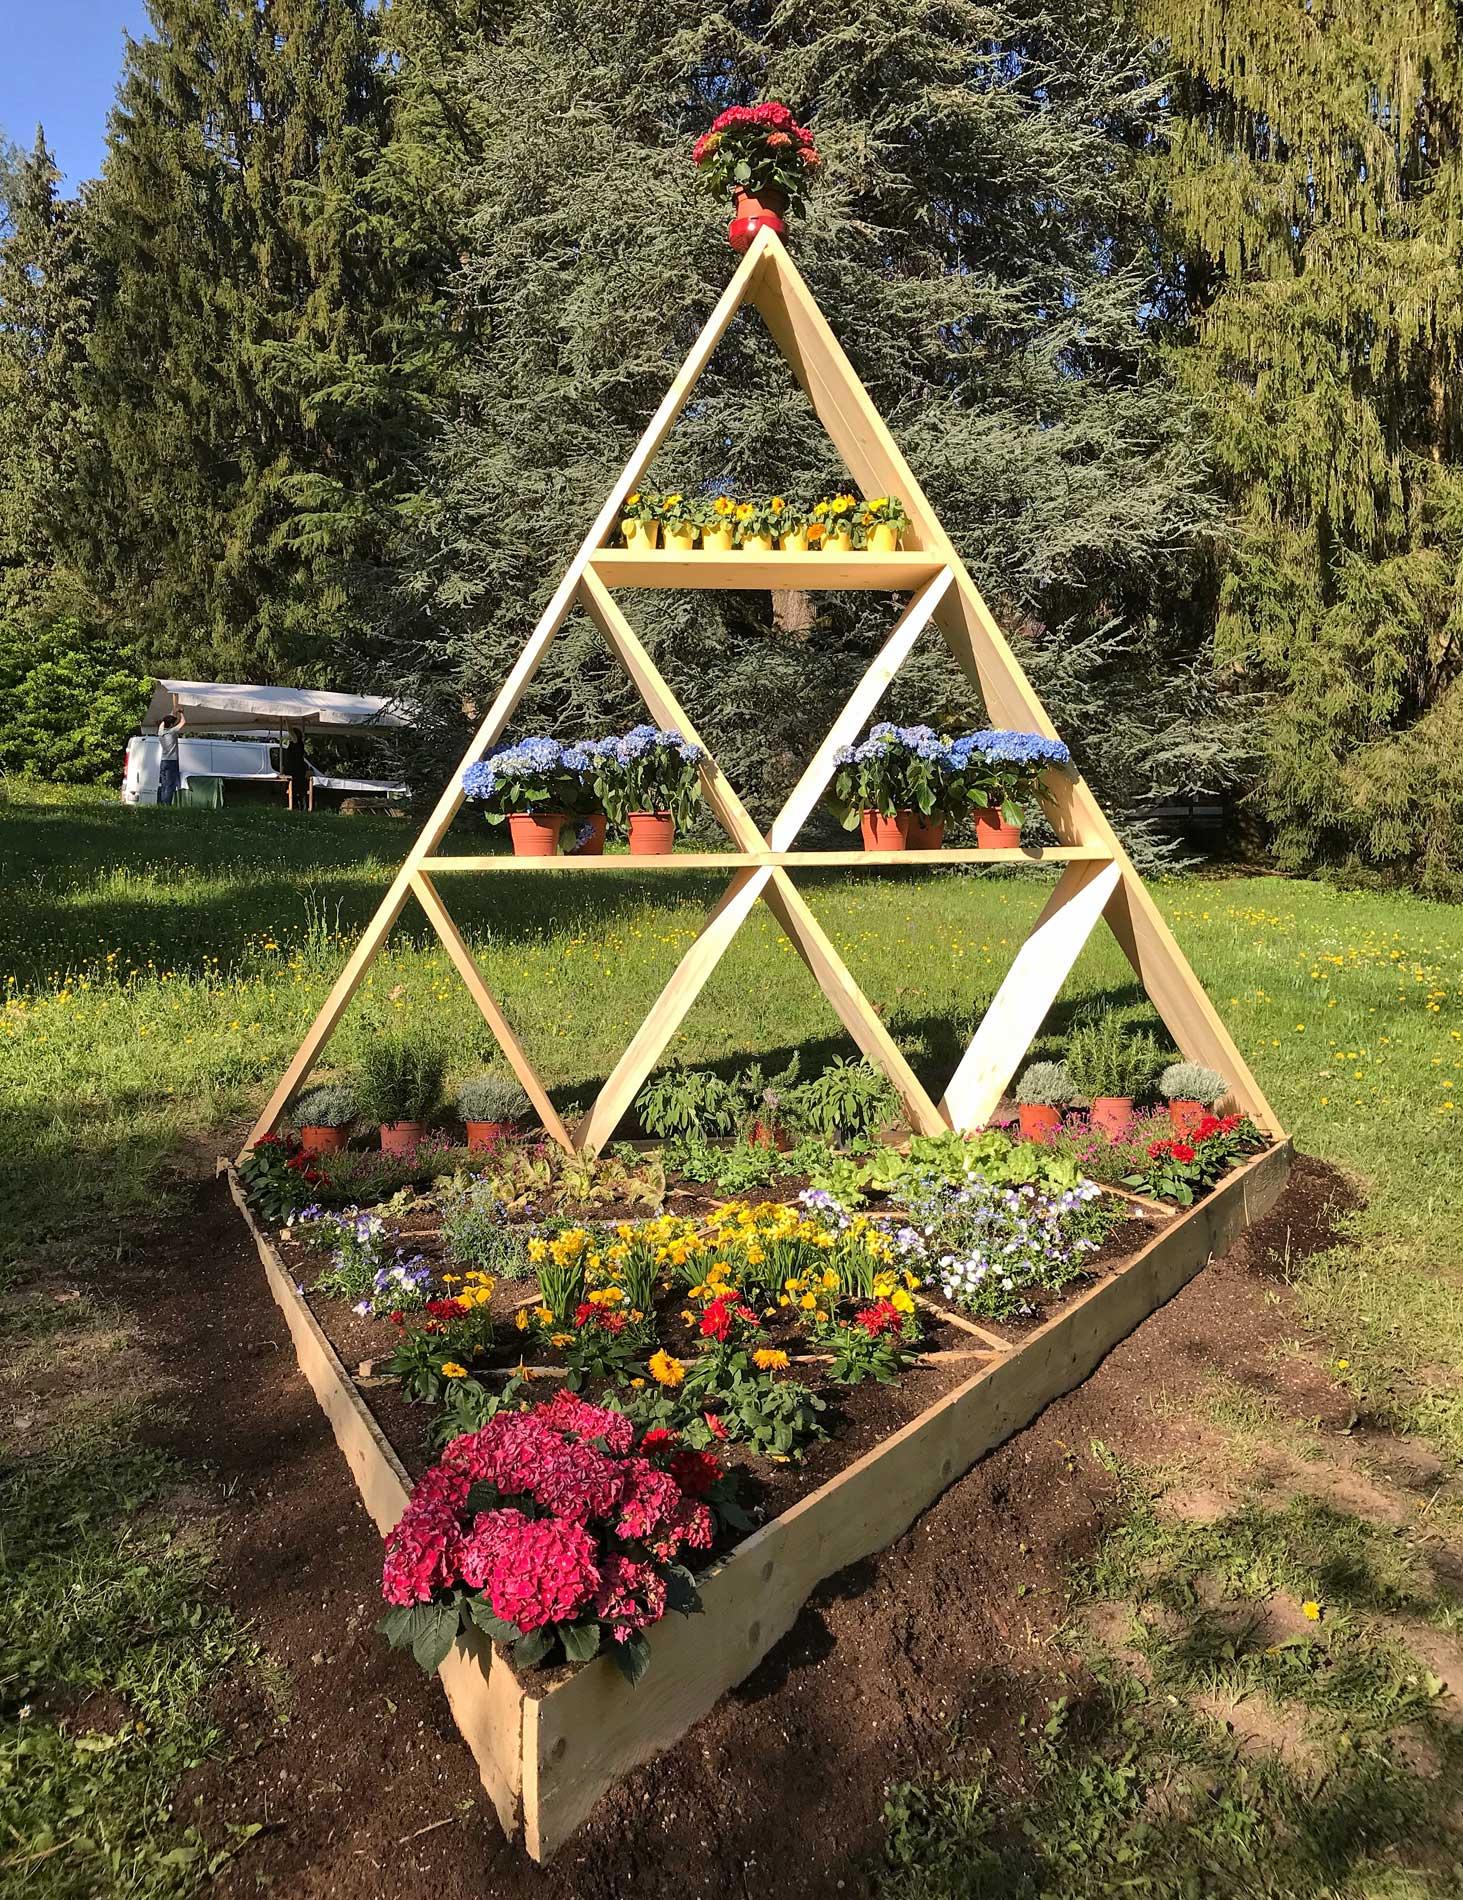 Parco-delle-Terme-Levico-Valsugana-Giardino-installazione-Ortinparco-fiori